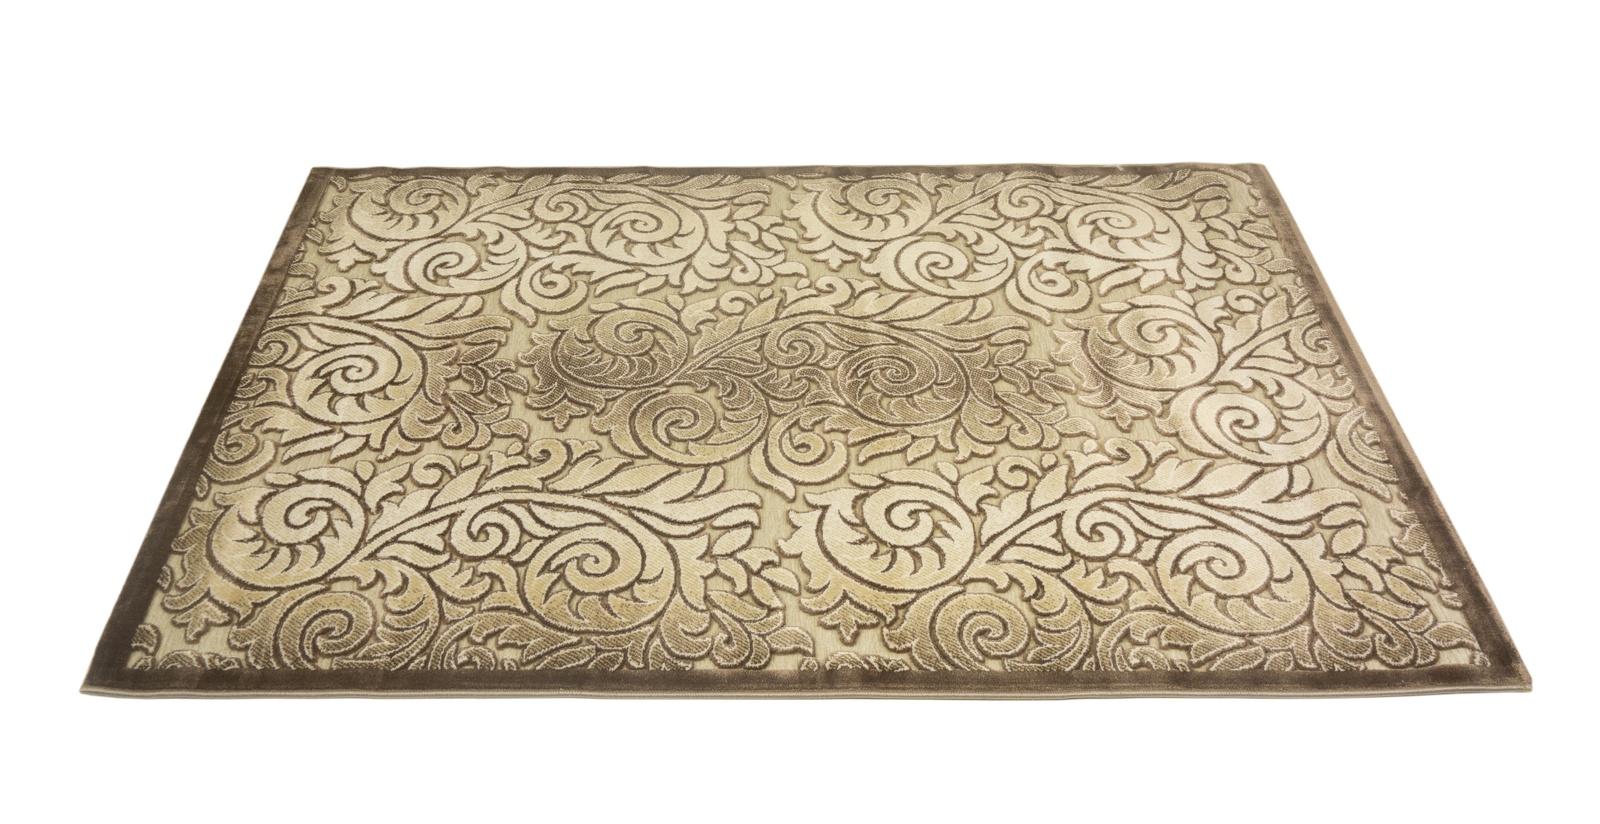 лучшая цена Ковер MADONNA 1,15х1,8/прямоугольник/80018А/беж-коричневый